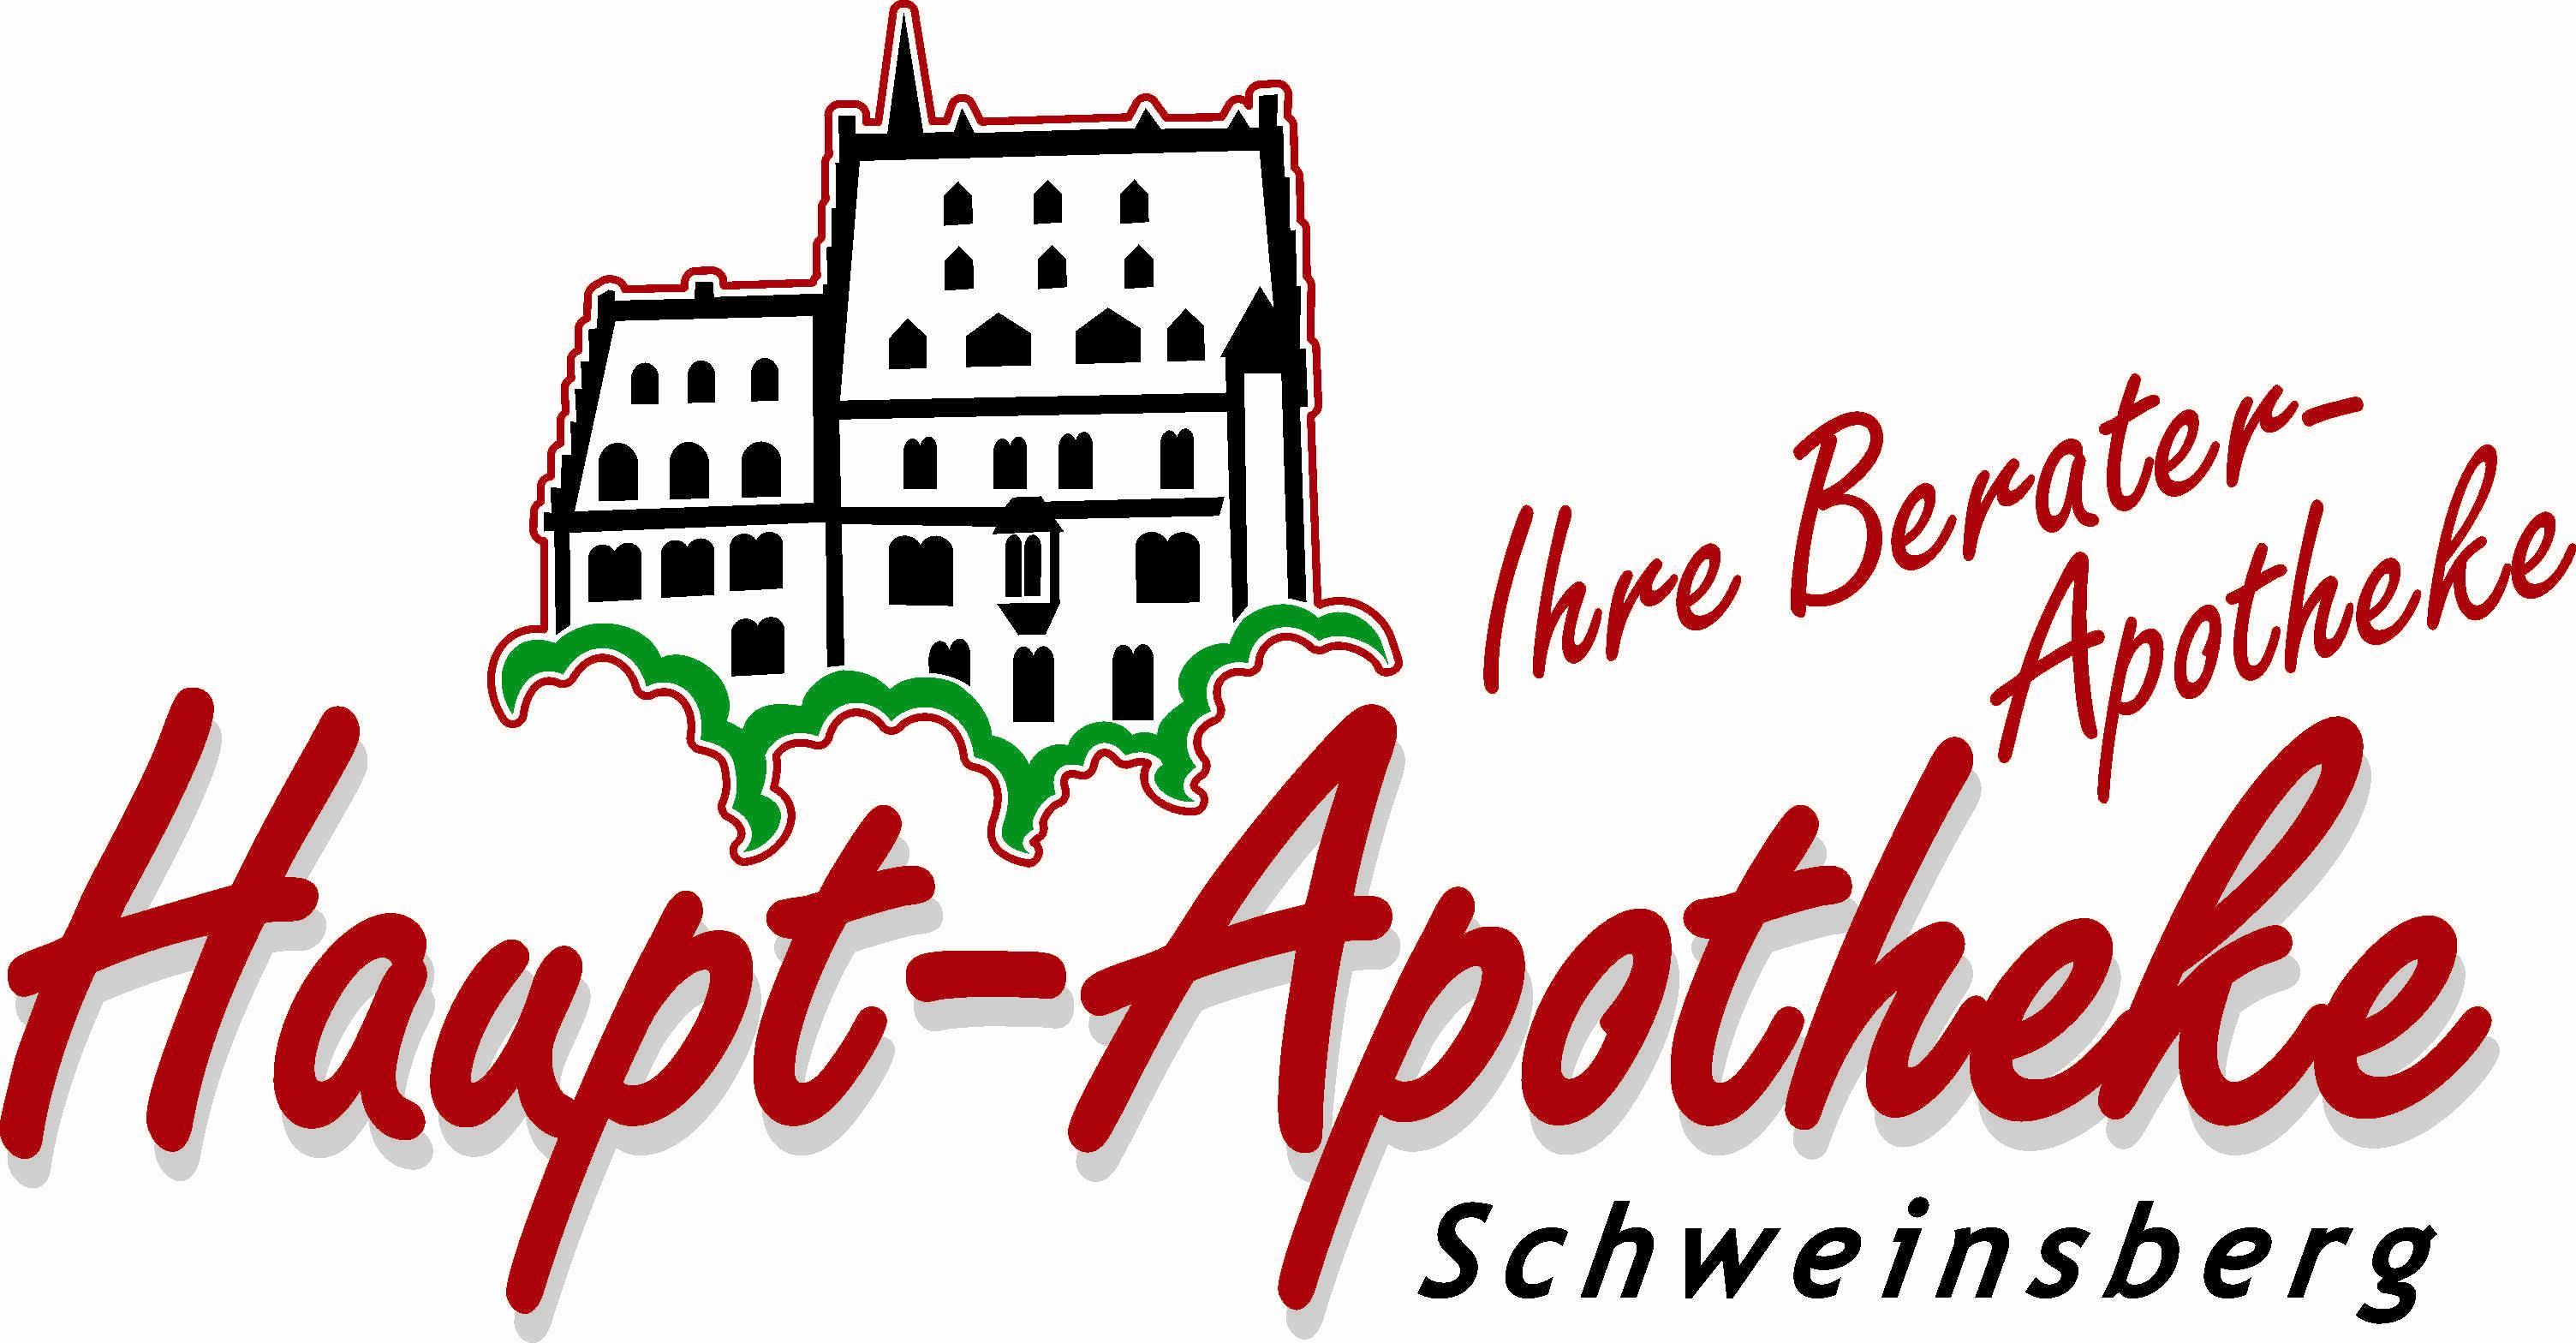 Logo der Peter Nikasch